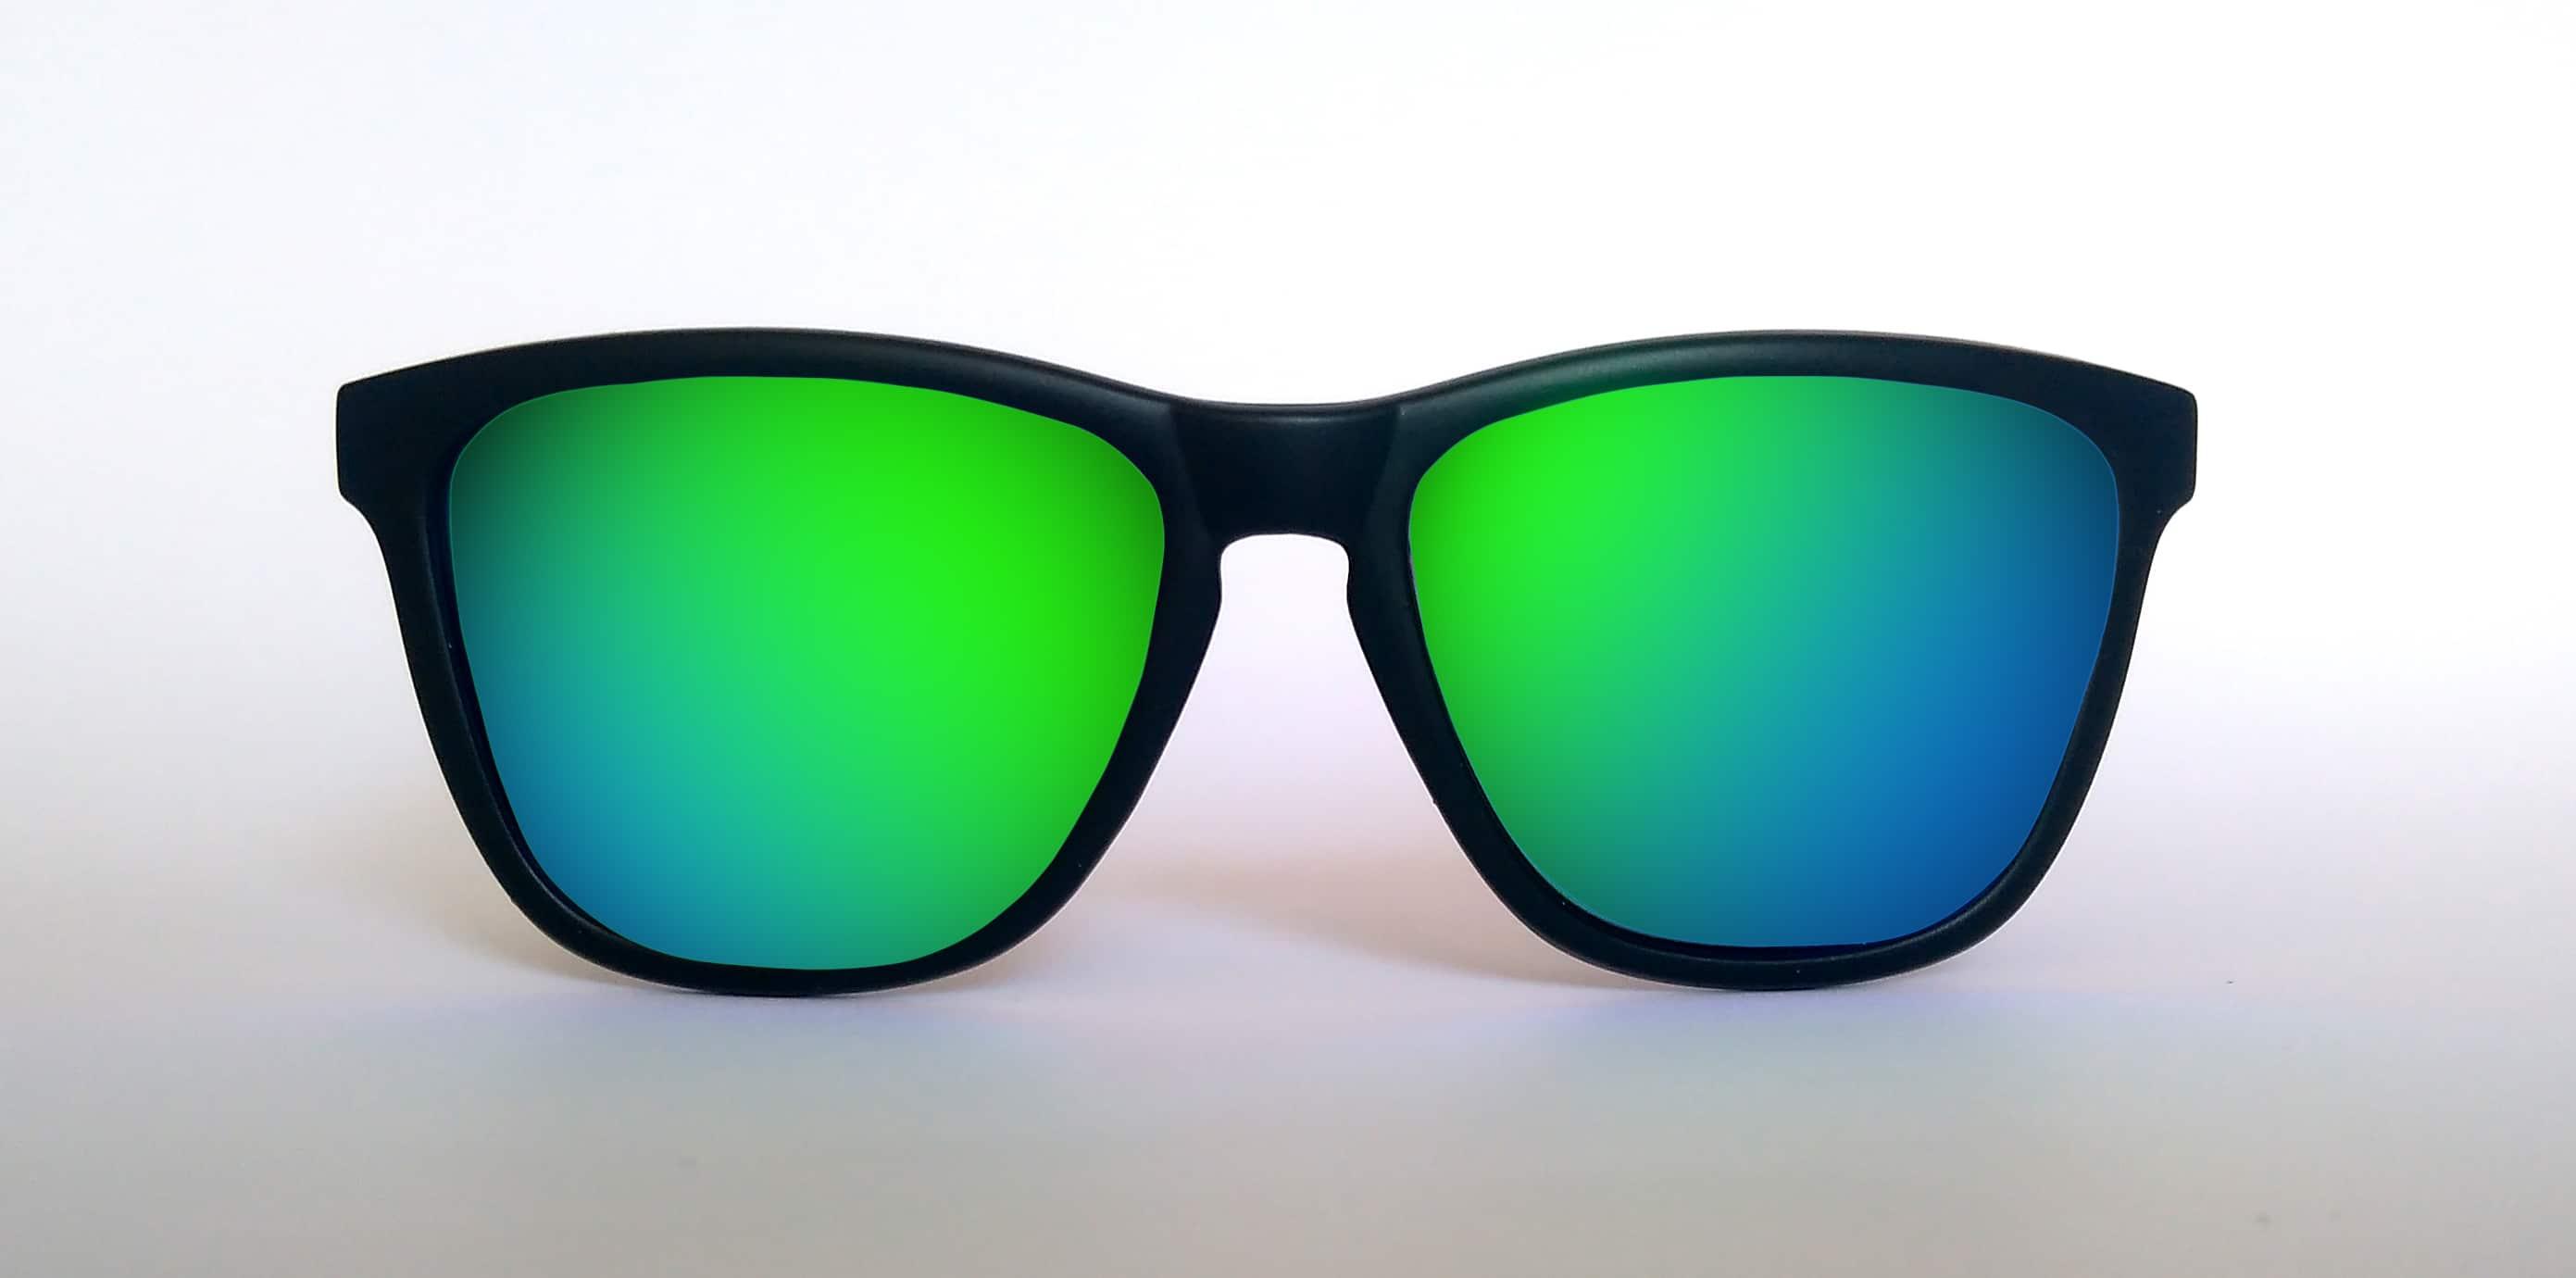 Gafas de sol polarizadas rebajadas 50 entra y hazte con - Emoticono gafas de sol ...